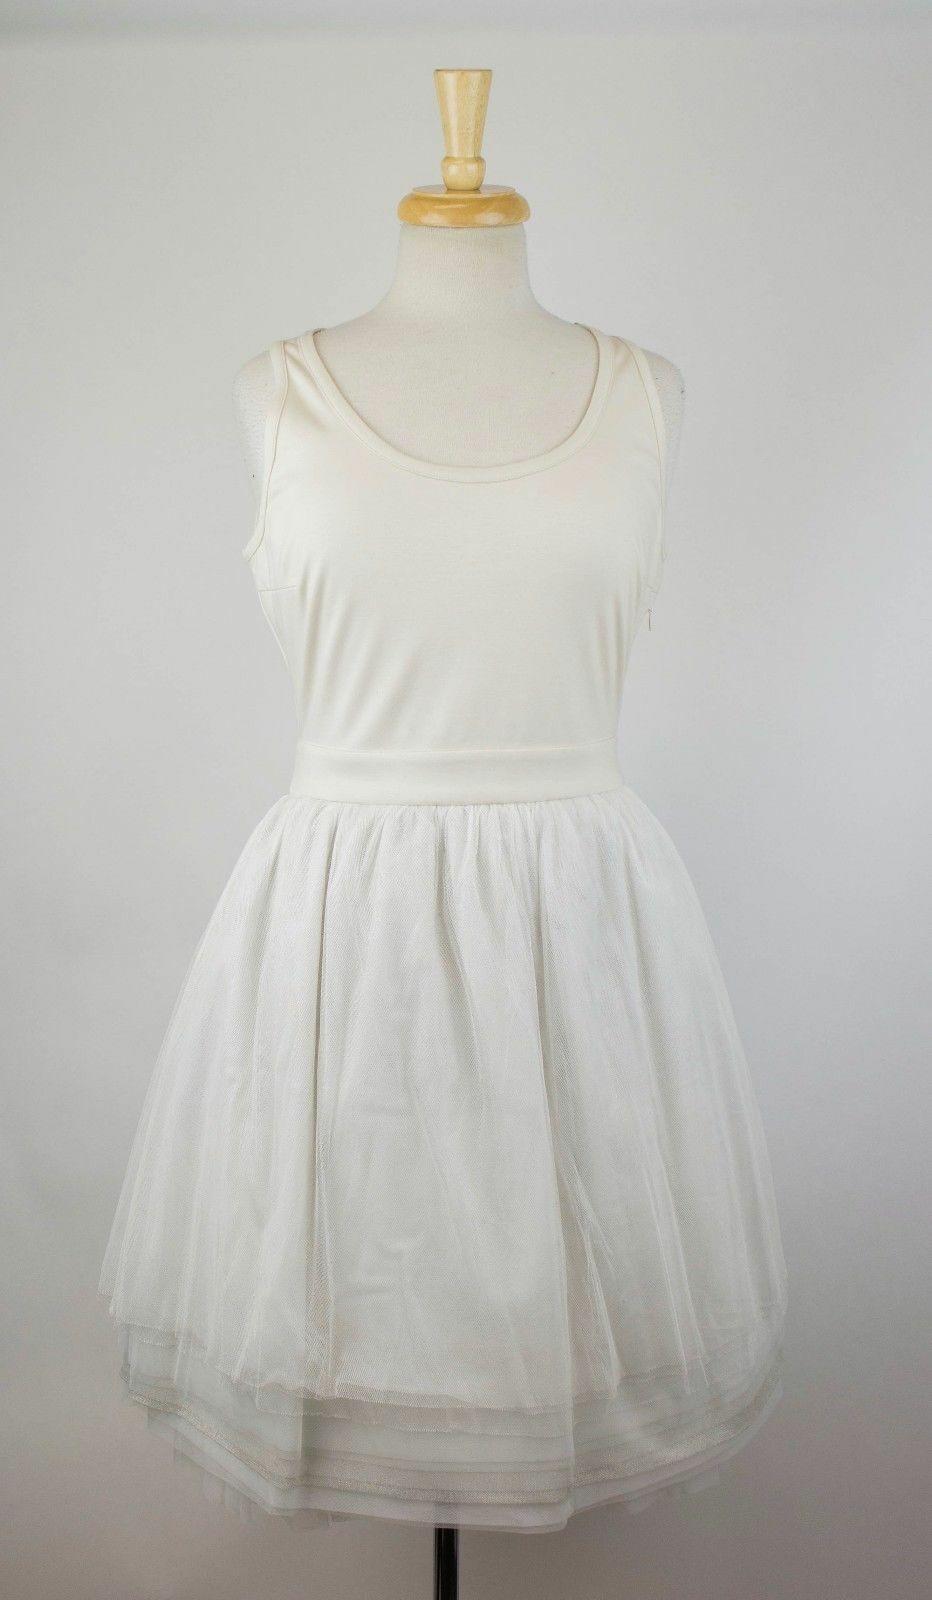 NWT BRUNELLO KUCINELLI Kvinnors Ivory Cotton Blend Tulle kjol Dress Storlek L  2895